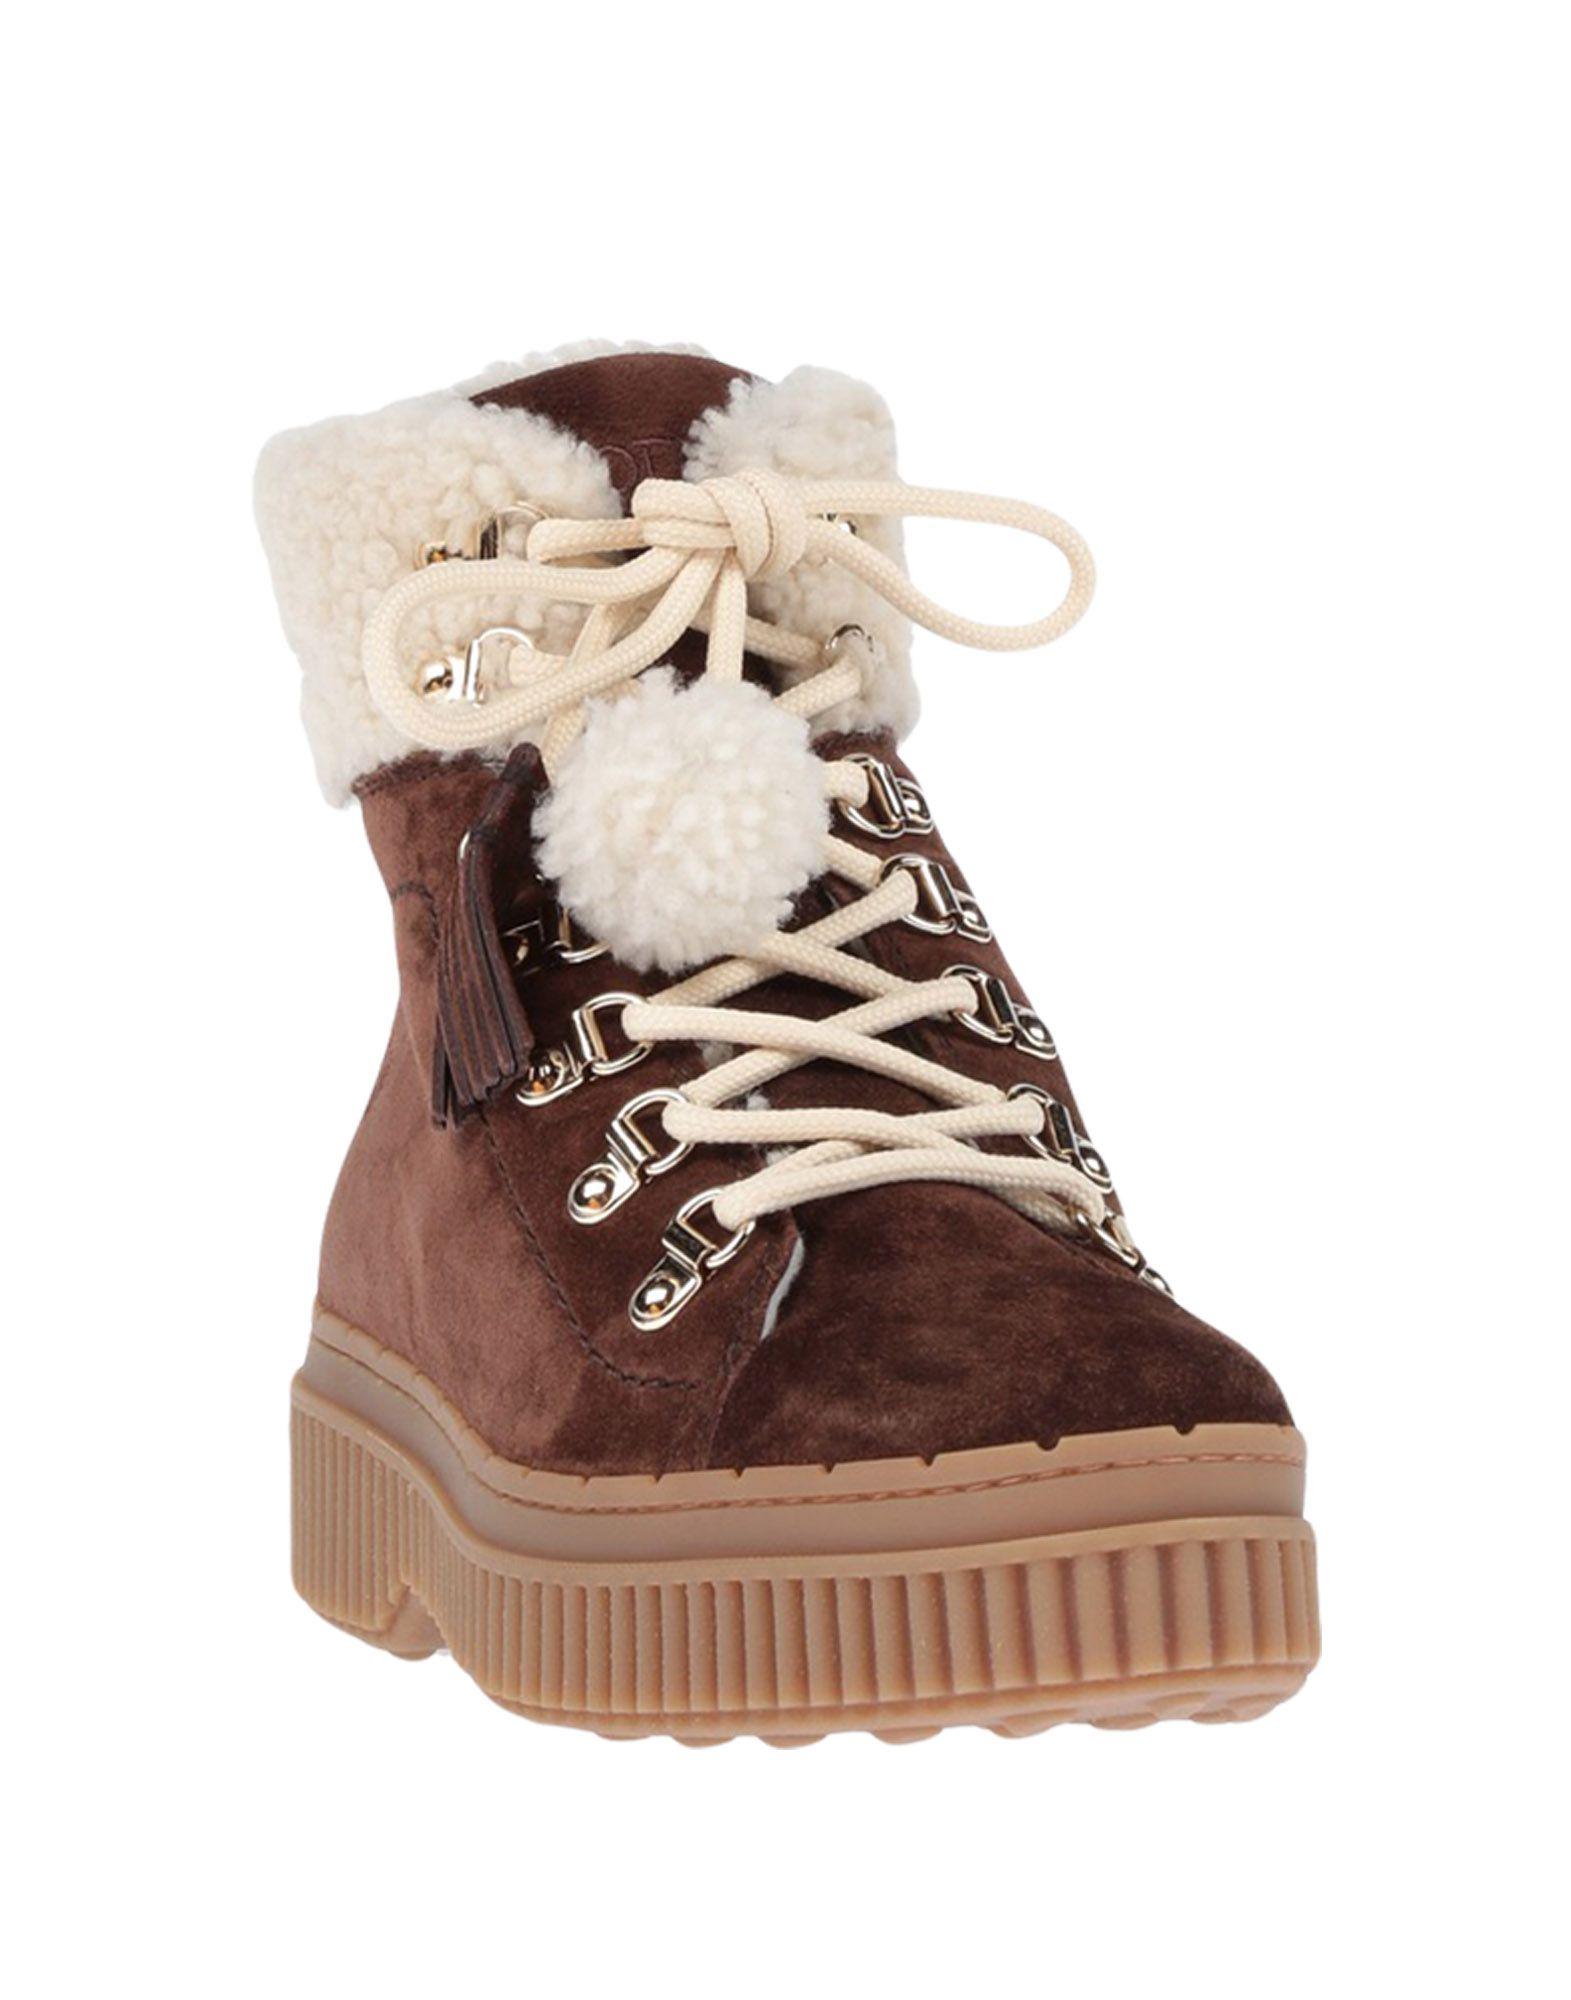 Tod's Stiefelette Damen Schuhe  11542420TLGünstige gut aussehende Schuhe Damen 37492f